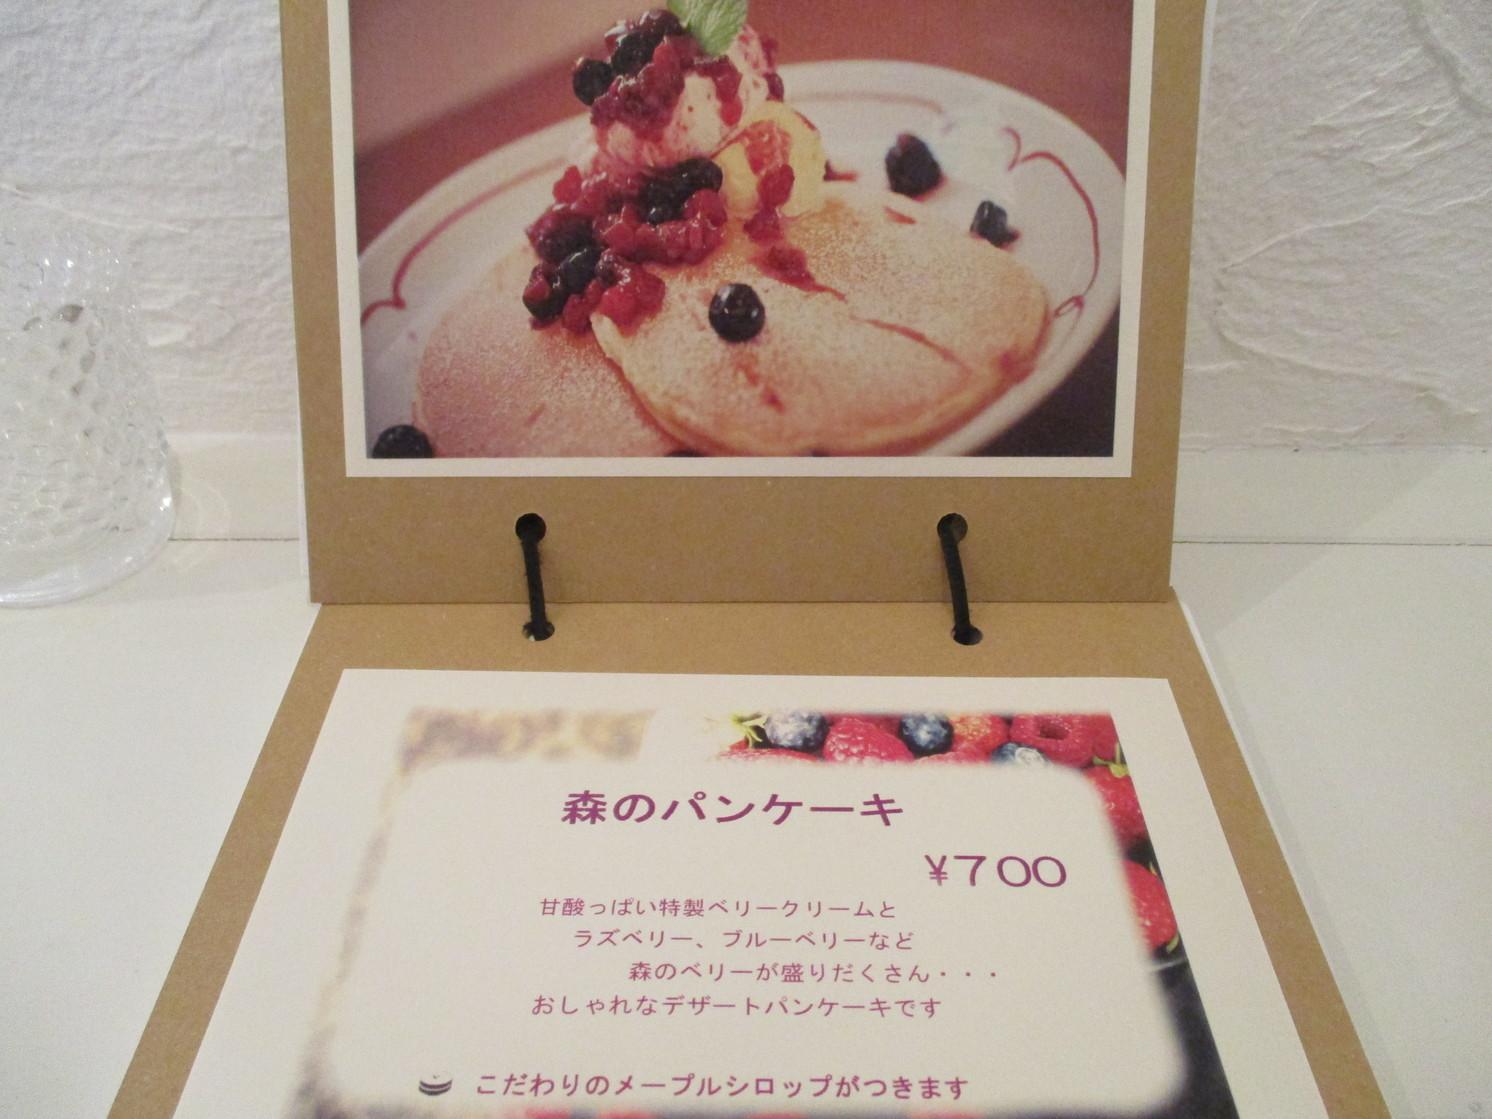 ハナミズキカフェ 秋田店